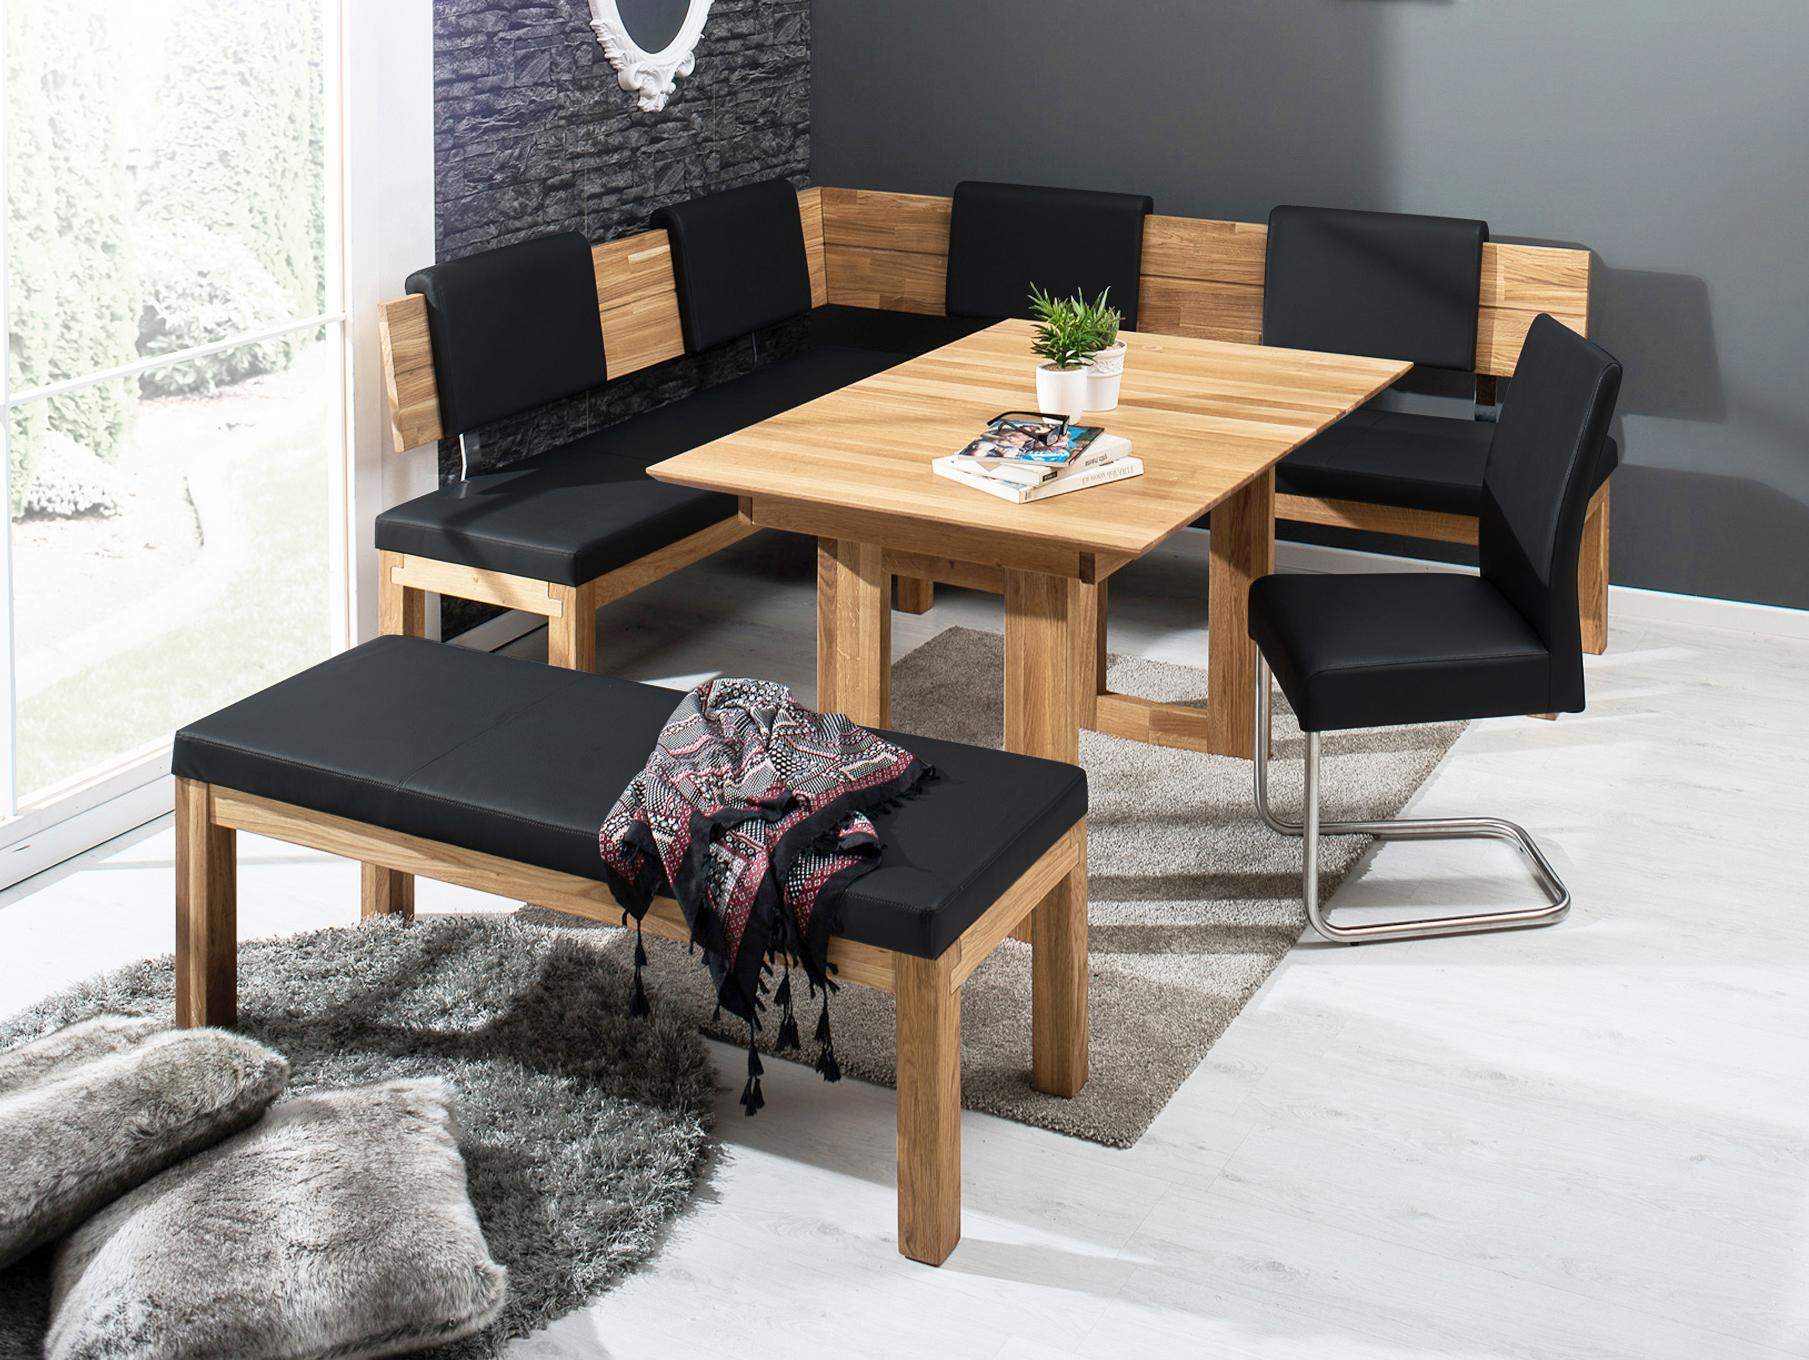 salima eckbank massivholz mit kunstleder bezogen 190 x 150 cm links eiche ge lt schwarz. Black Bedroom Furniture Sets. Home Design Ideas